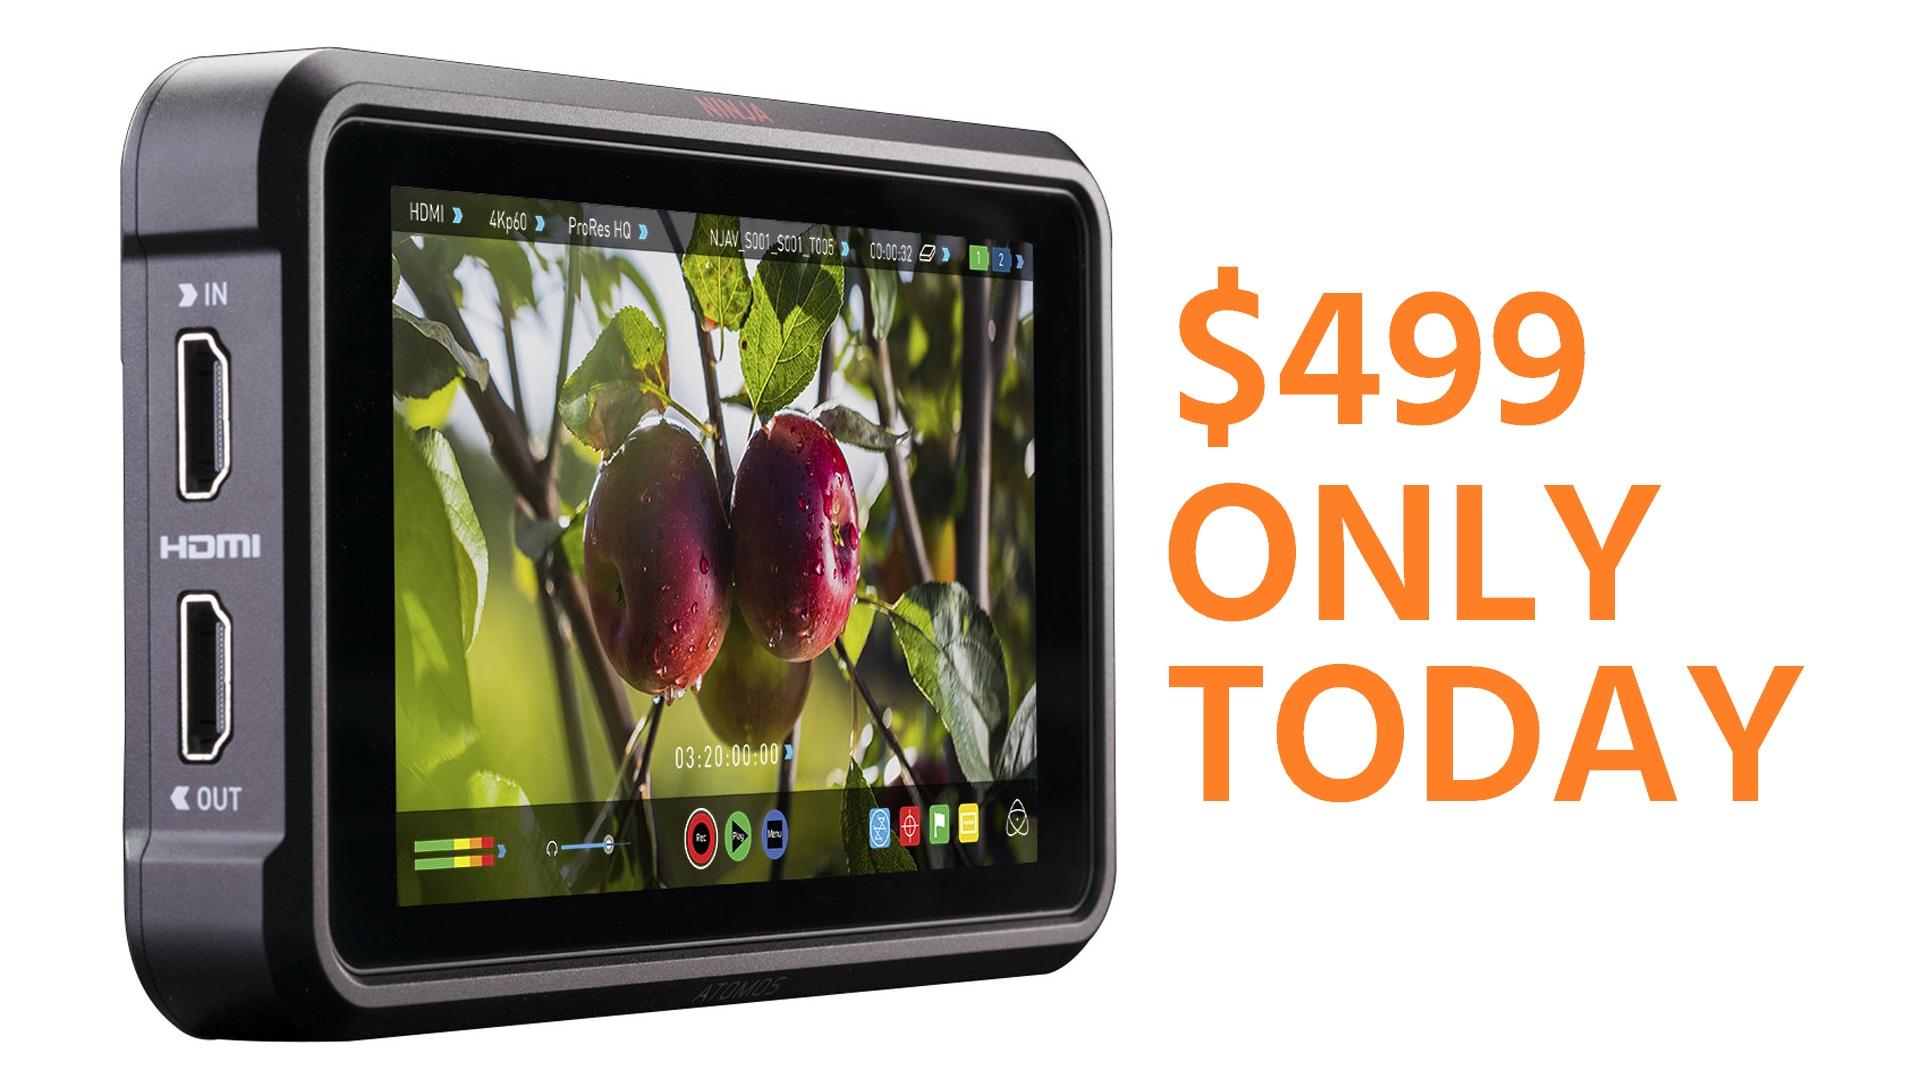 Oferta especial Atomos Ninja V – Sólo por hoy a $499 (descuento de $196)